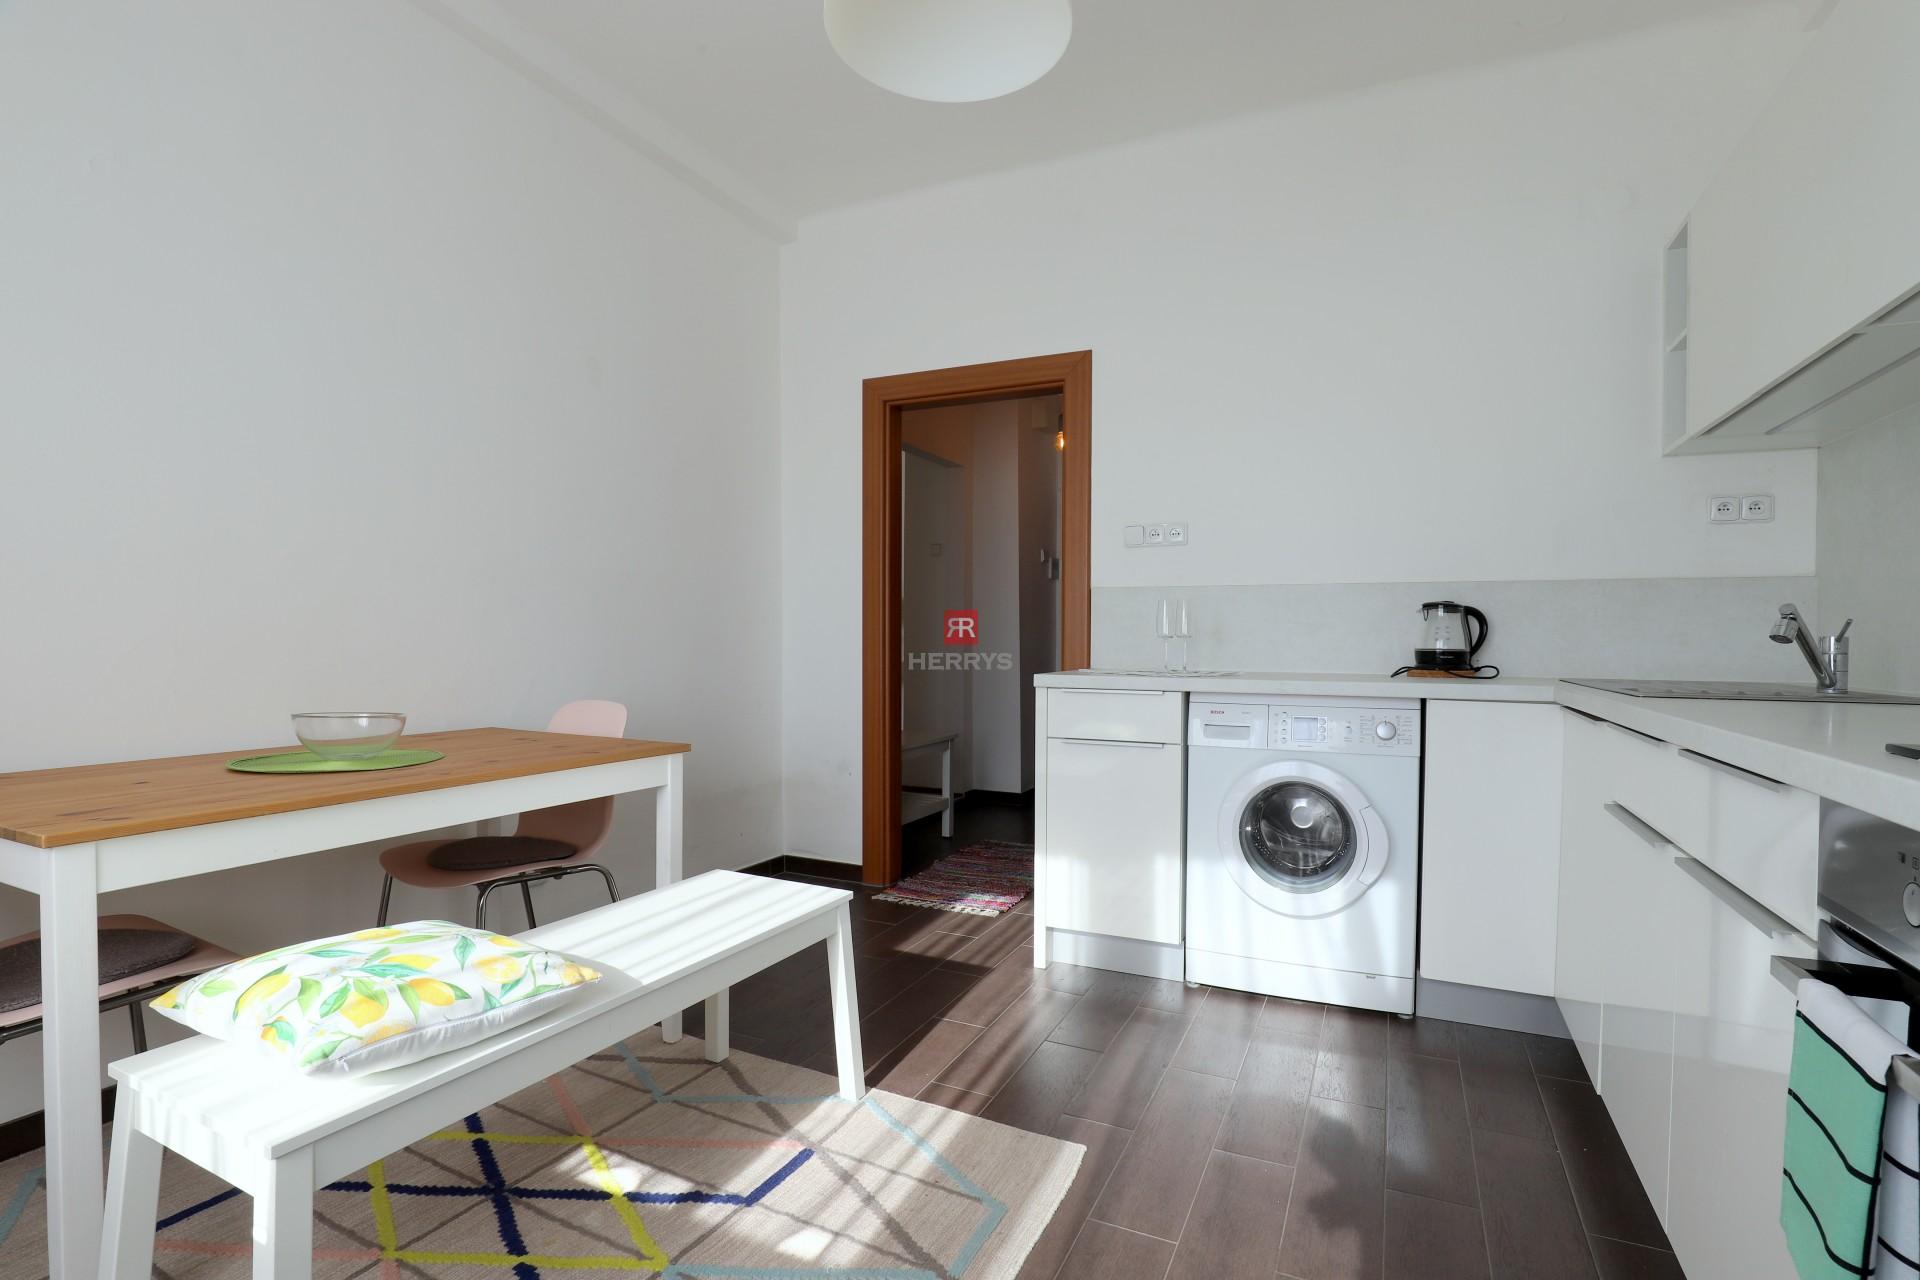 HERRYS - na prenájom 2 izbový byt pri Račianskom mýte